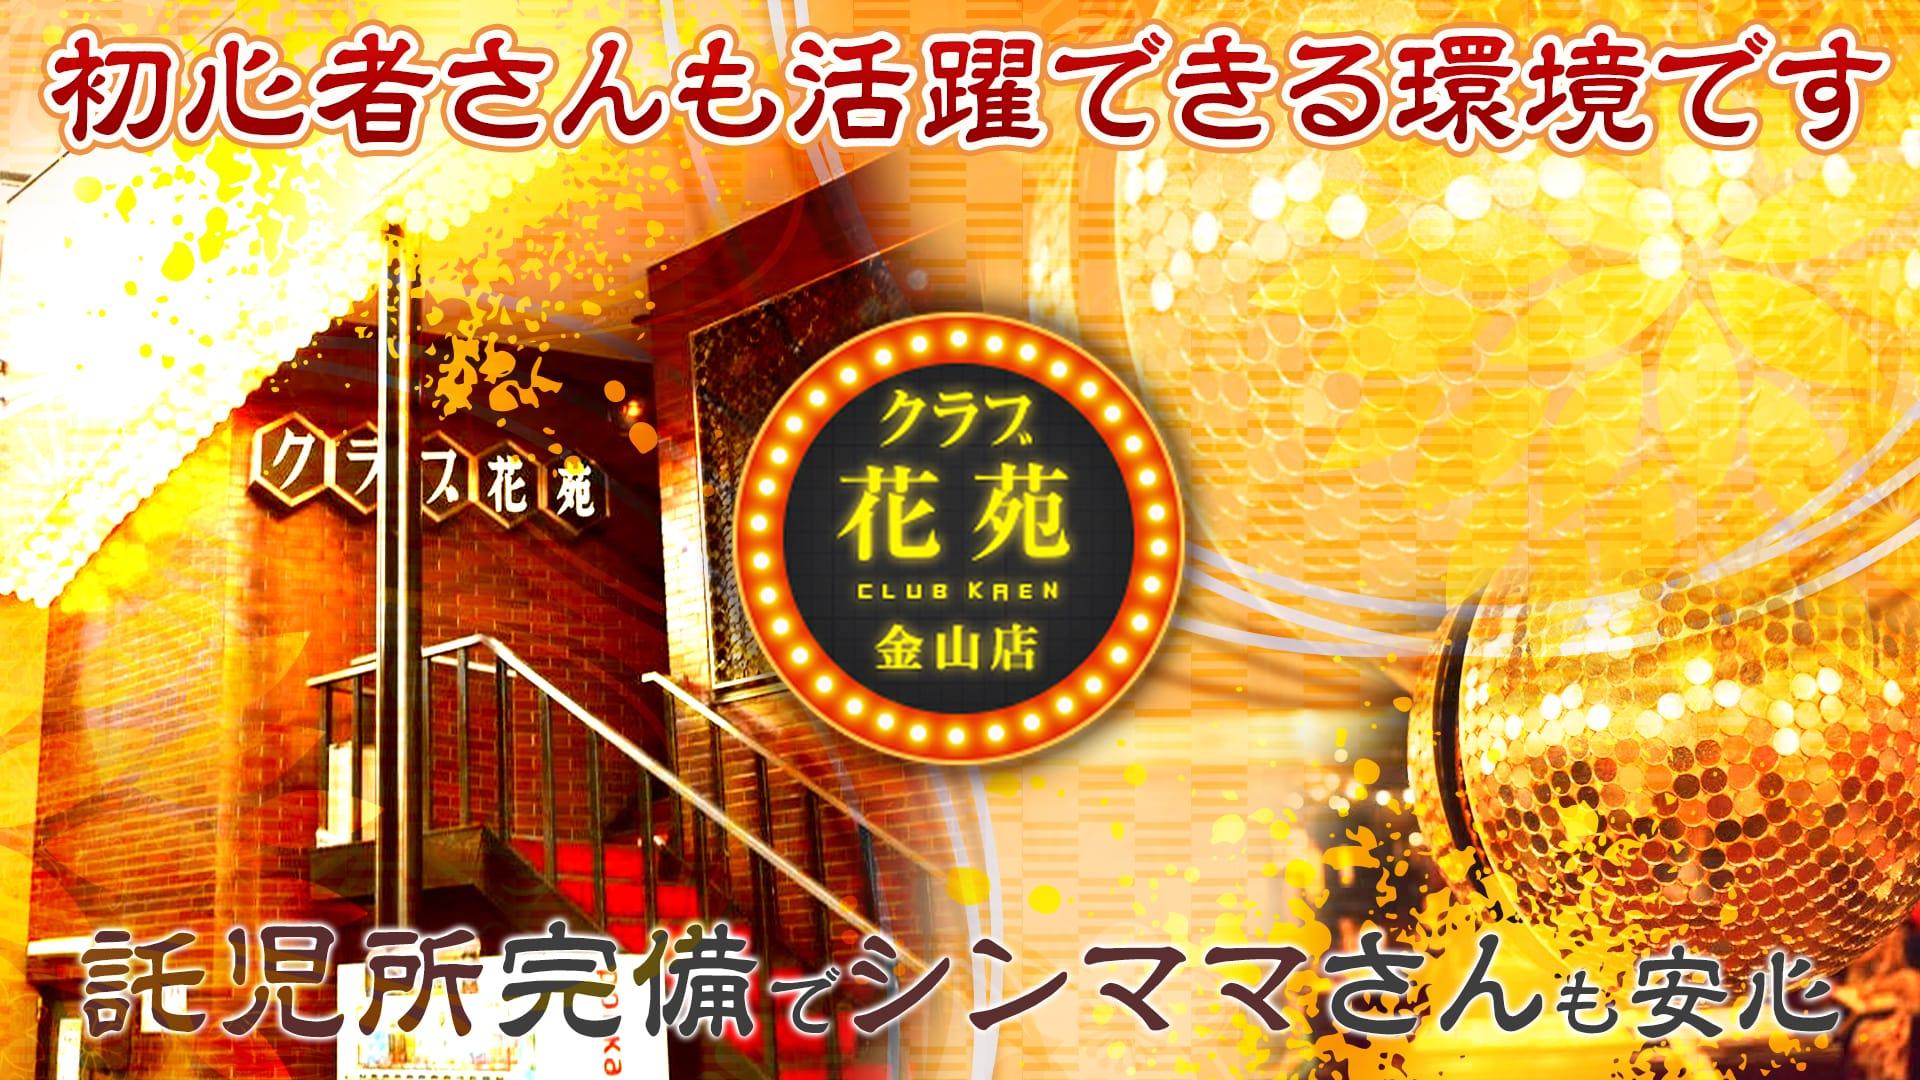 クラブ花苑 金山店 金山クラブ TOP画像